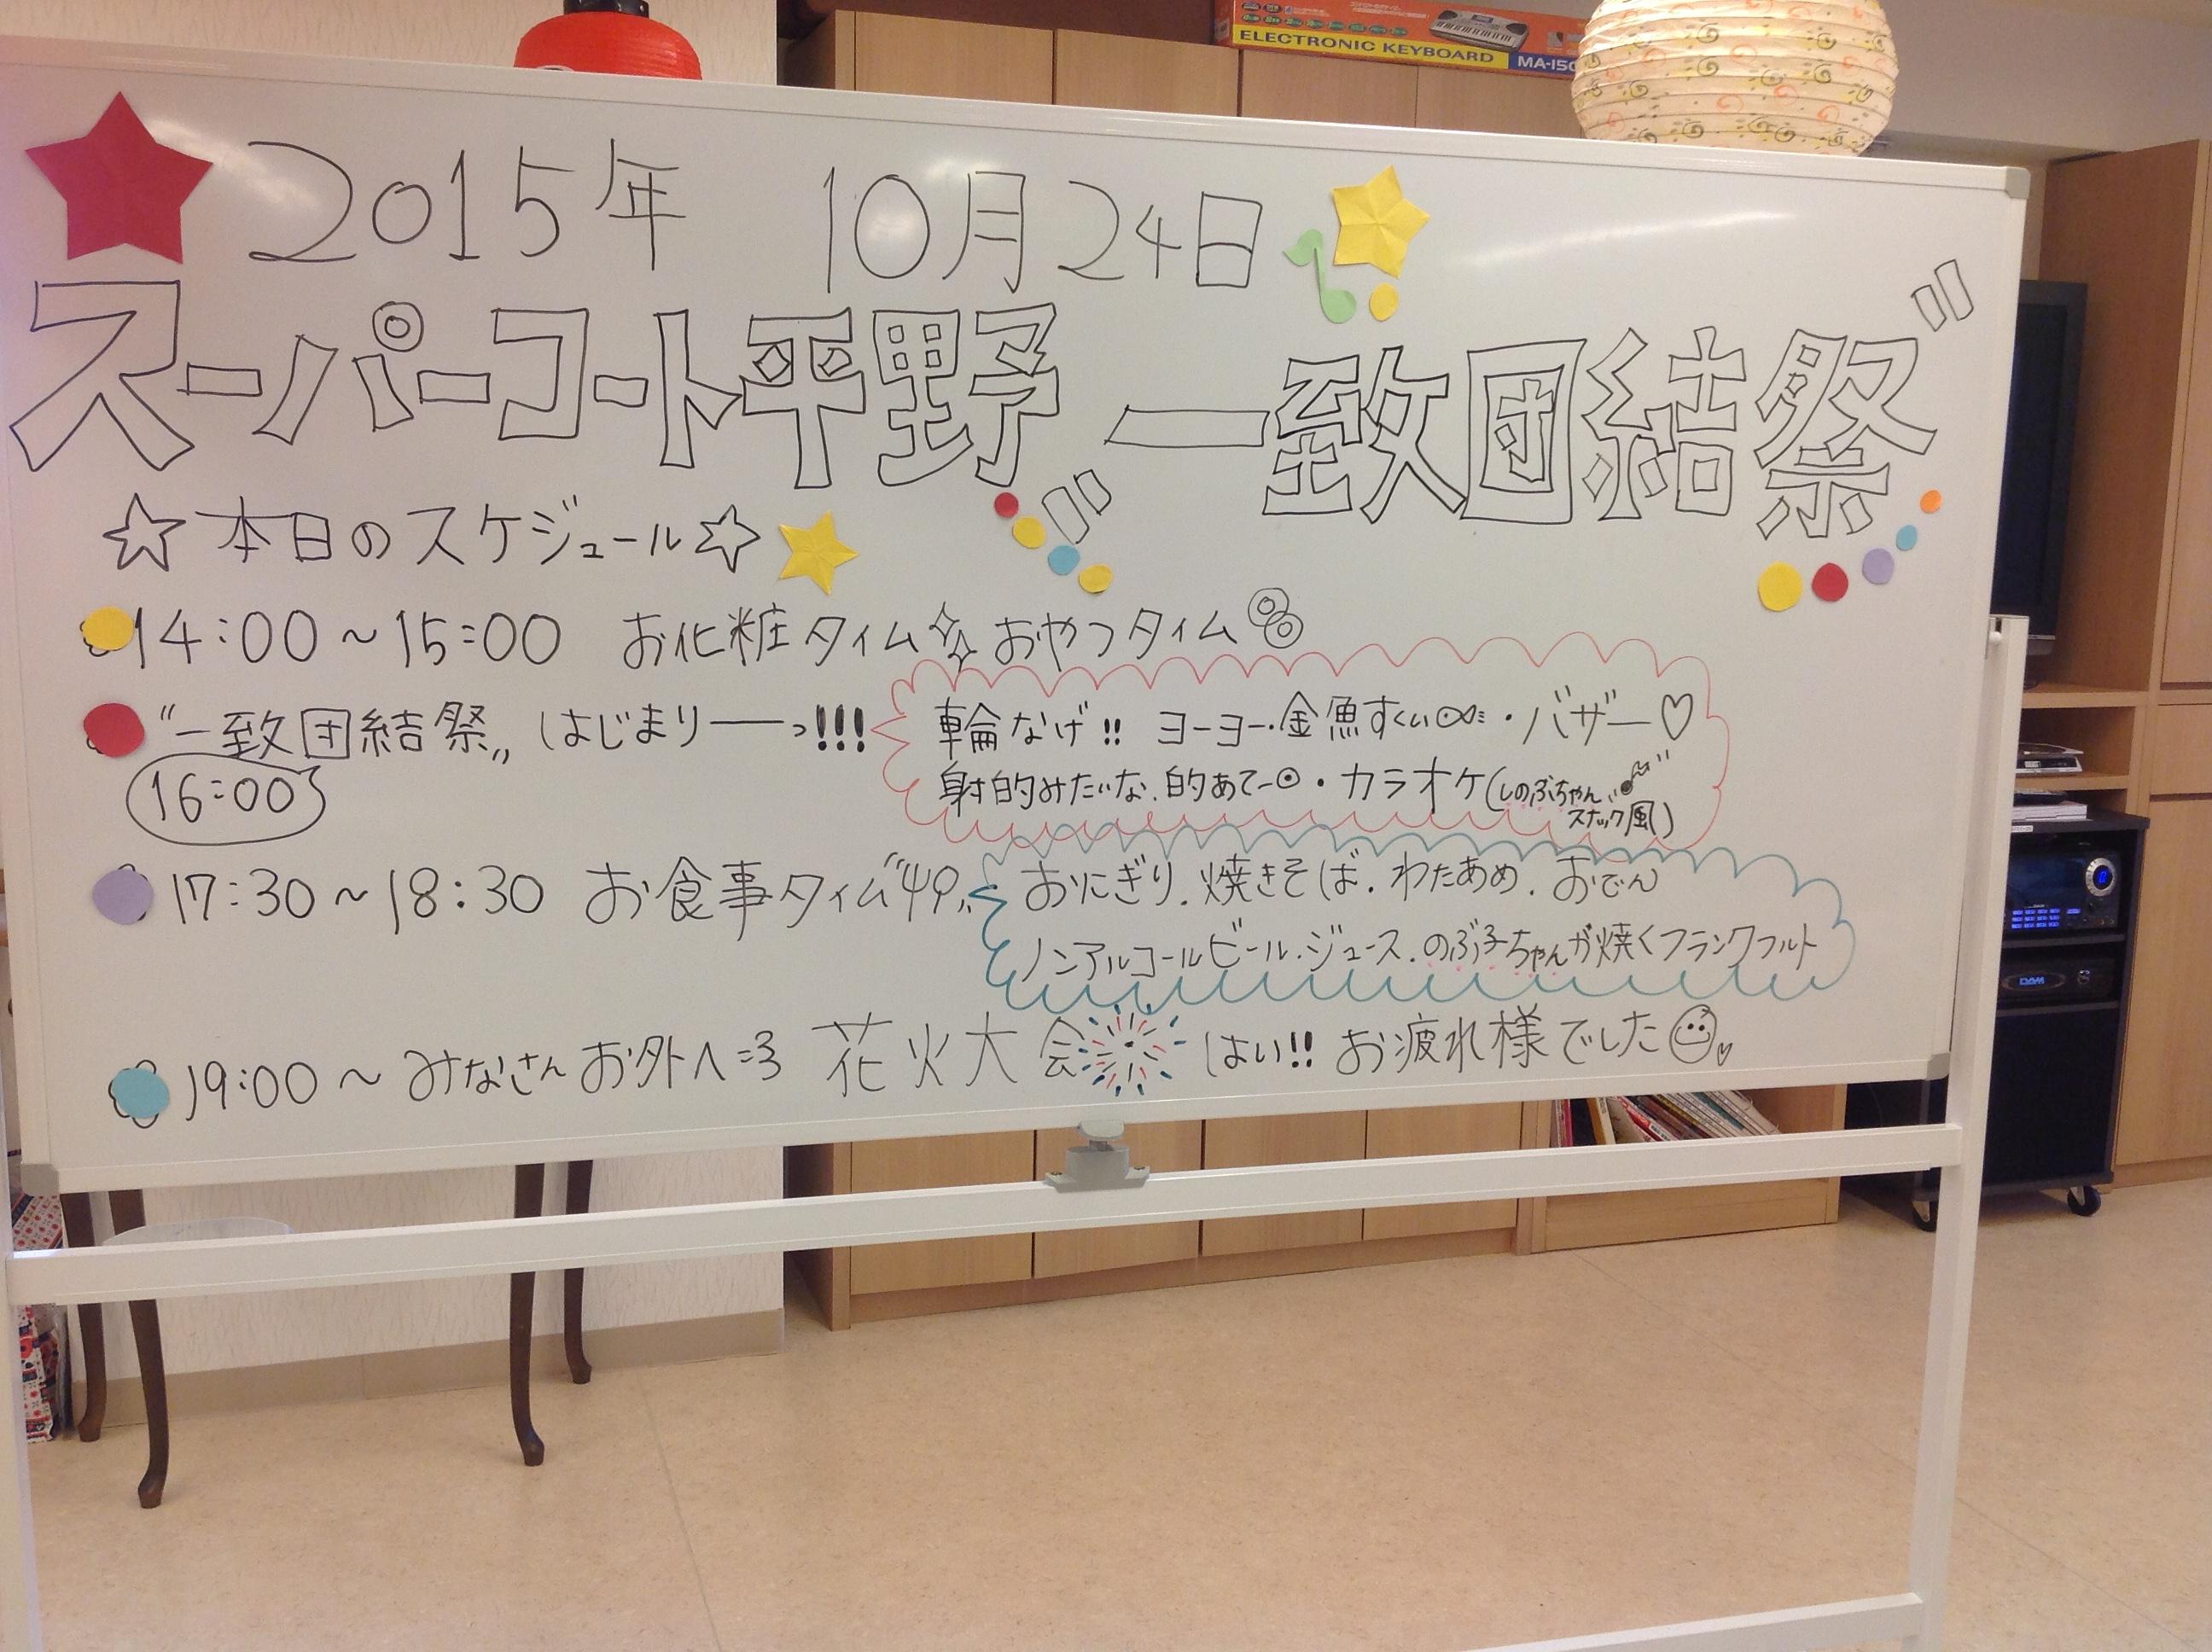 http://www.supercourt.jp/blog/hirano/IMG_1141.JPG